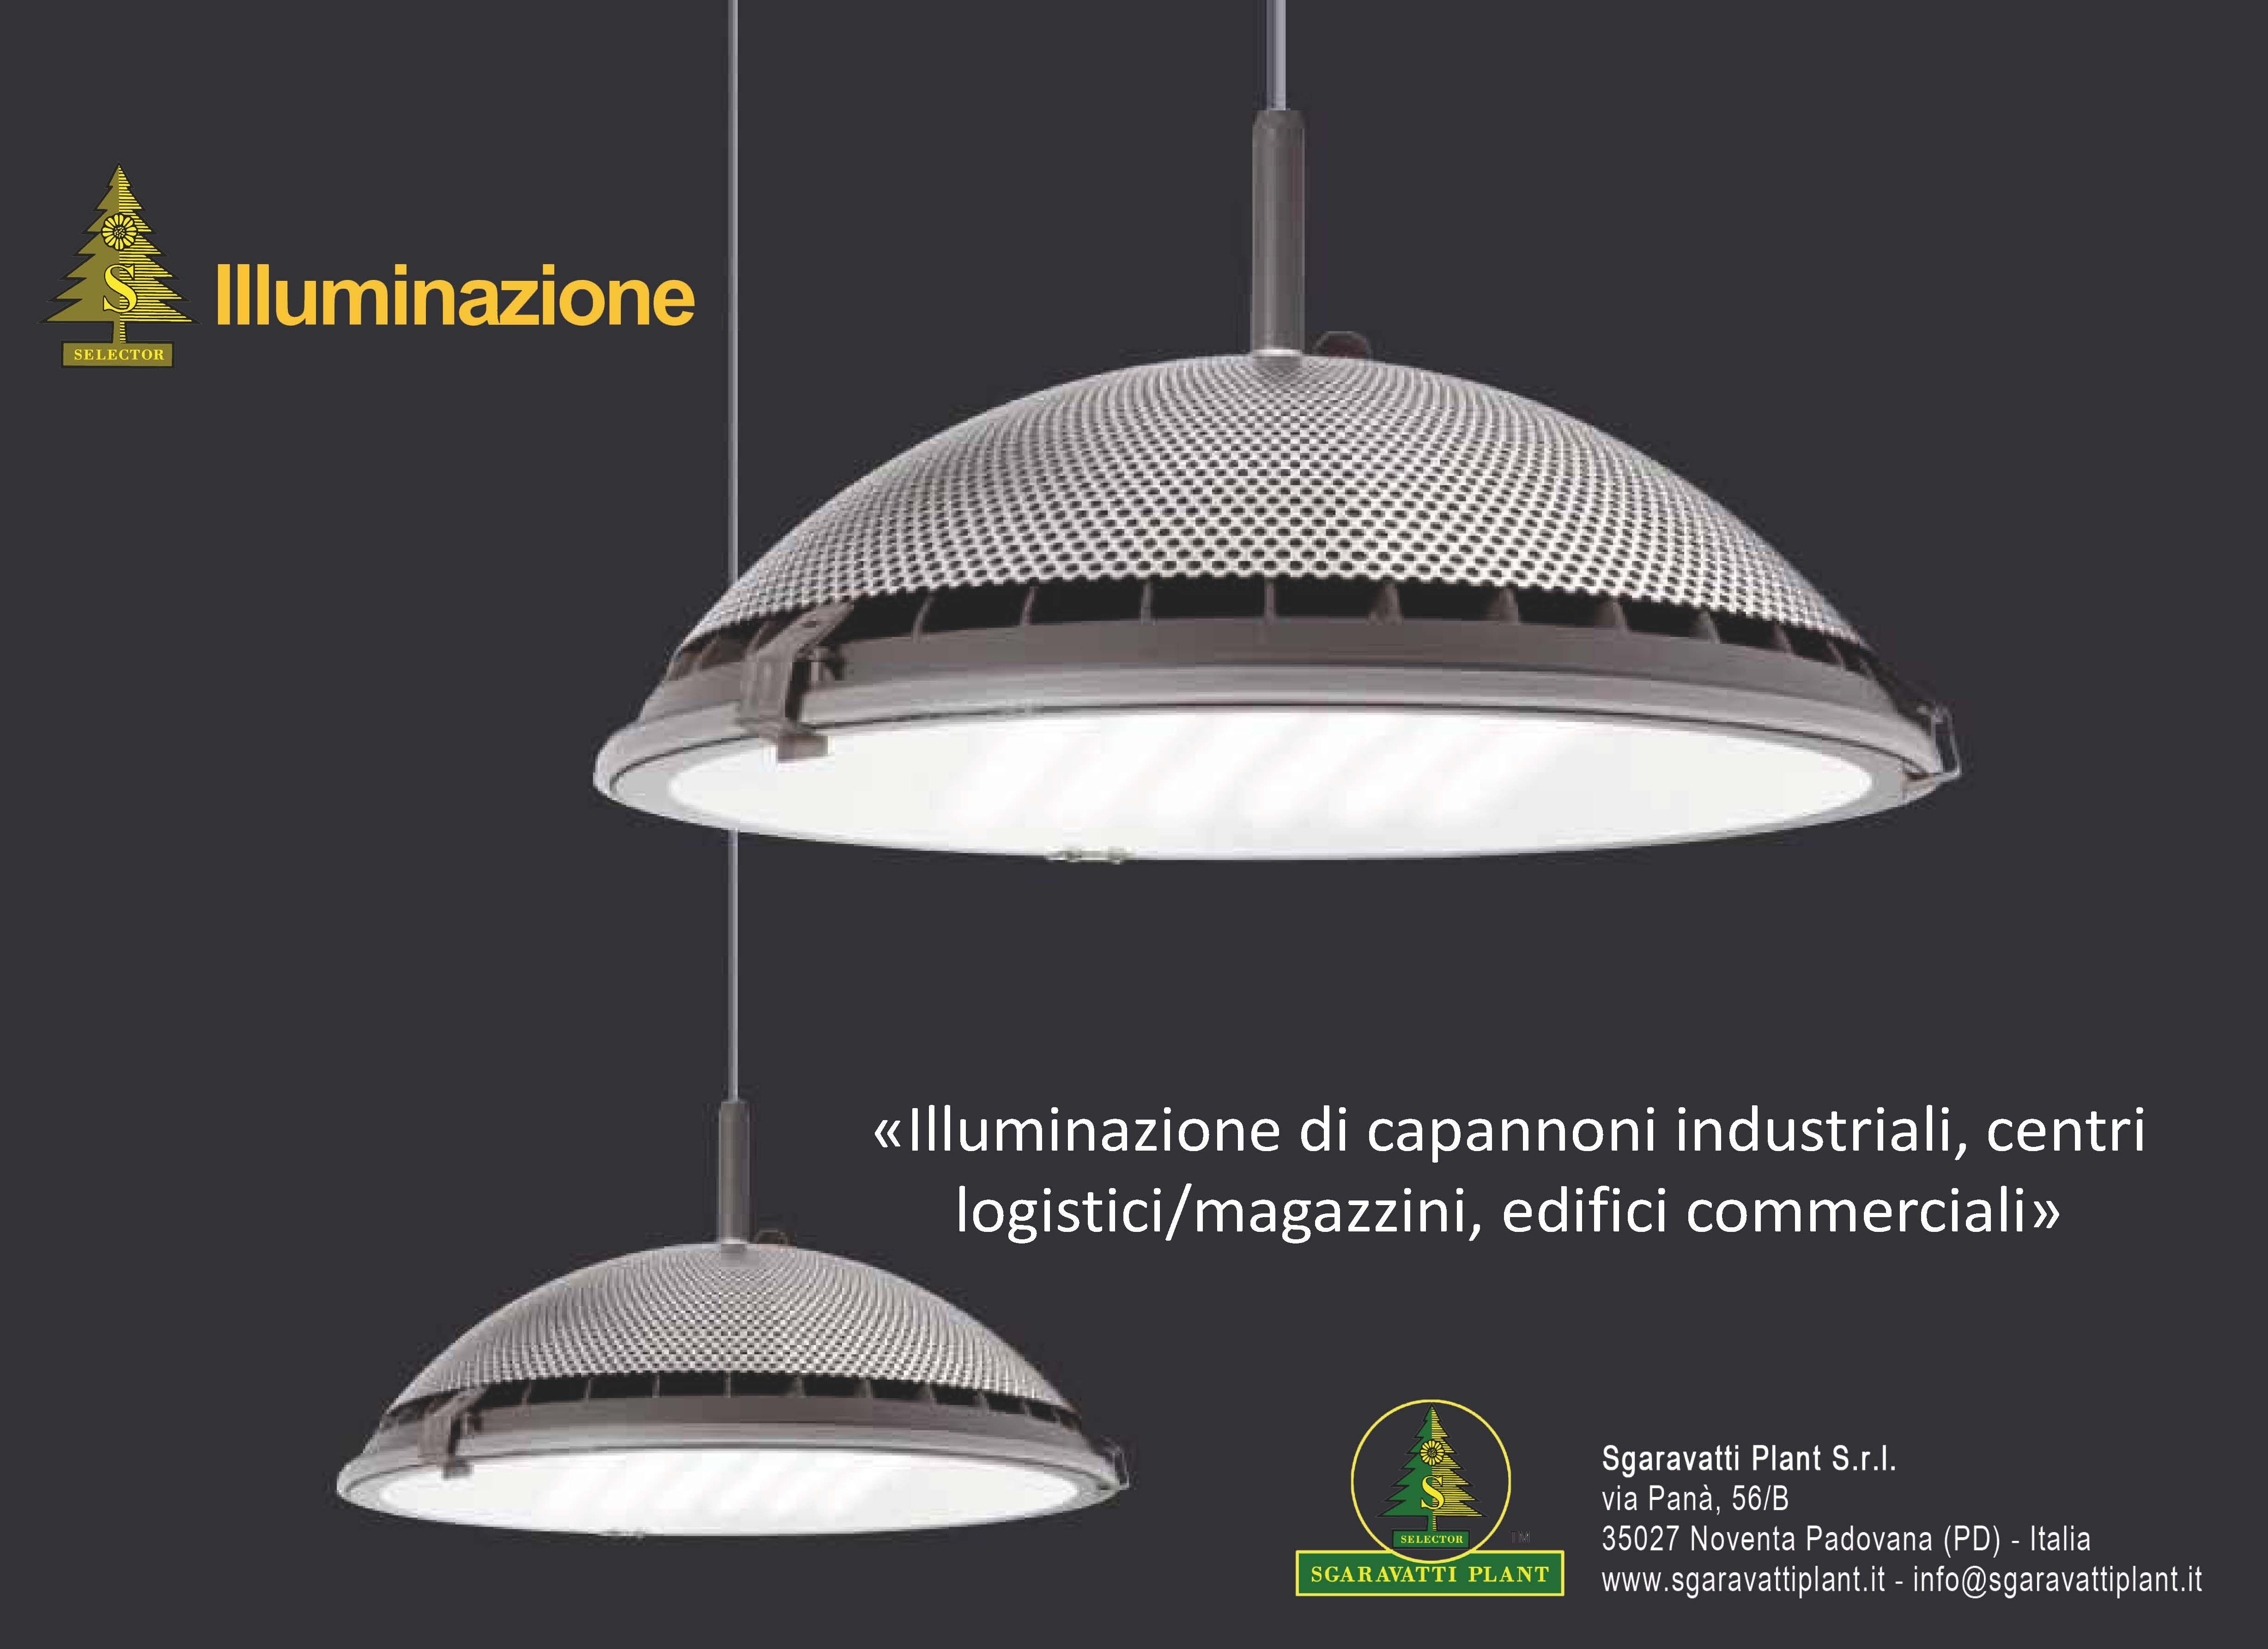 Pad illuminazione interna capannoni industriali illuminazione